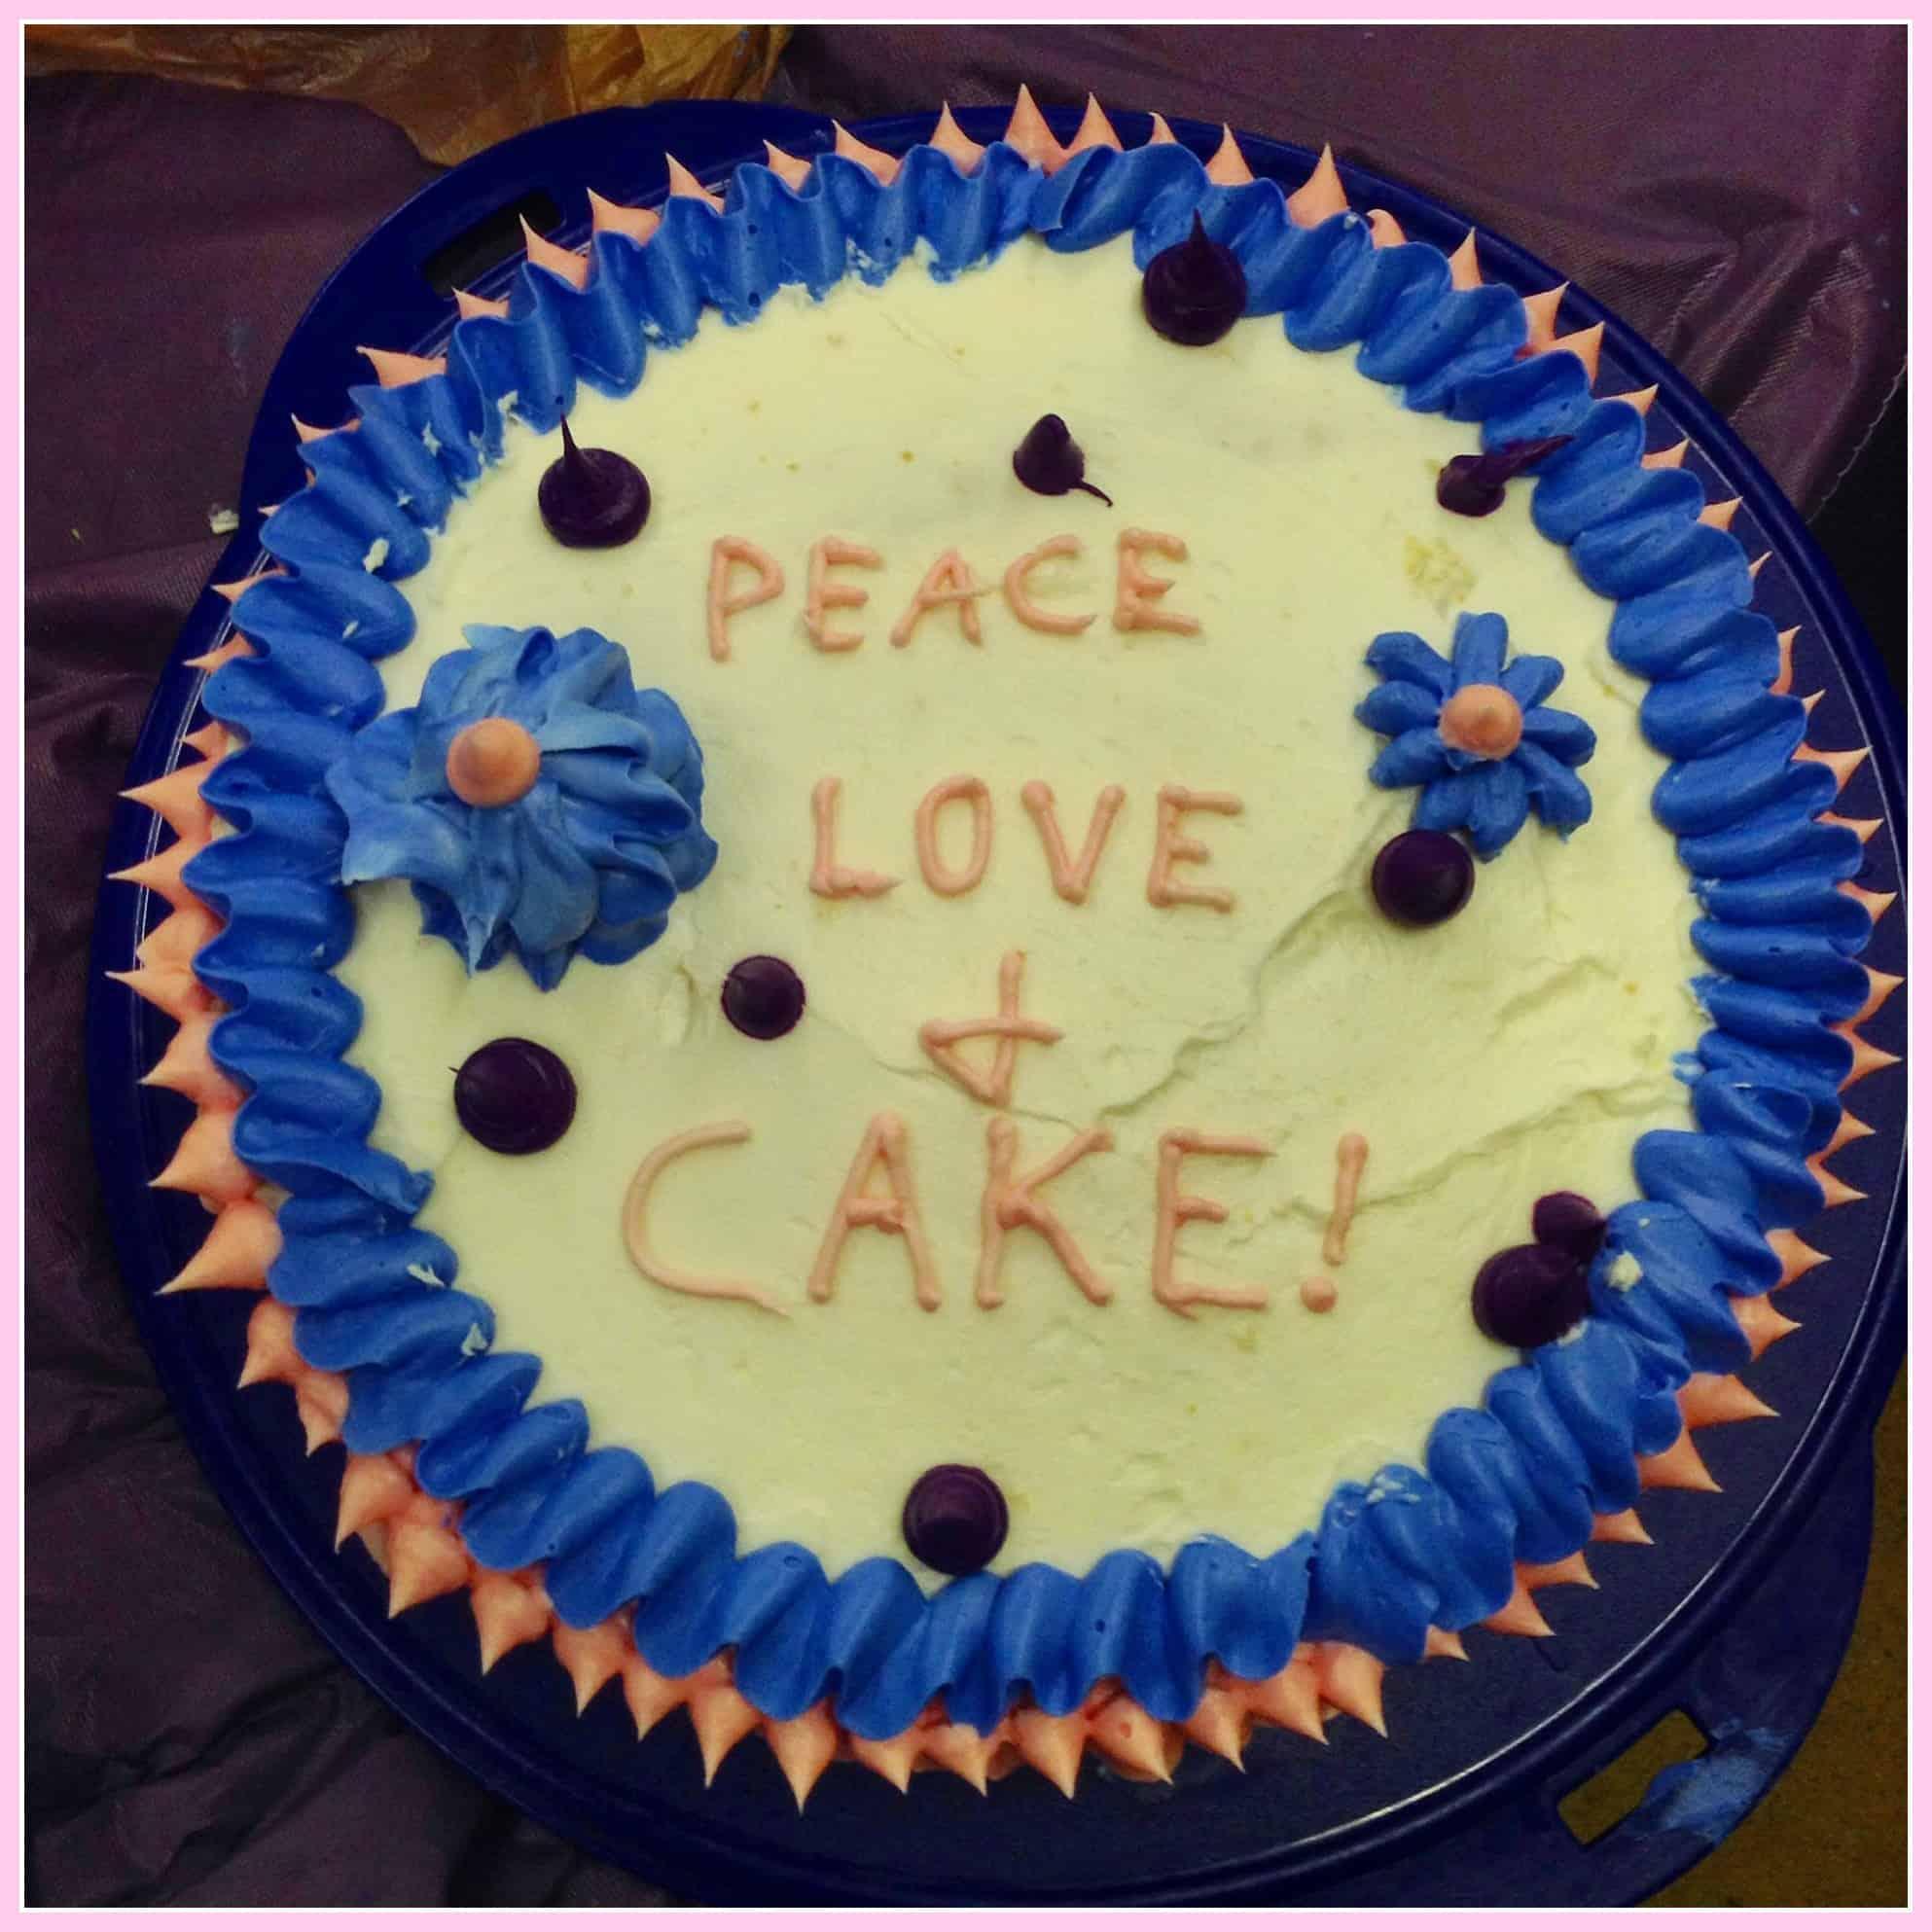 Final Cake Decorating Class